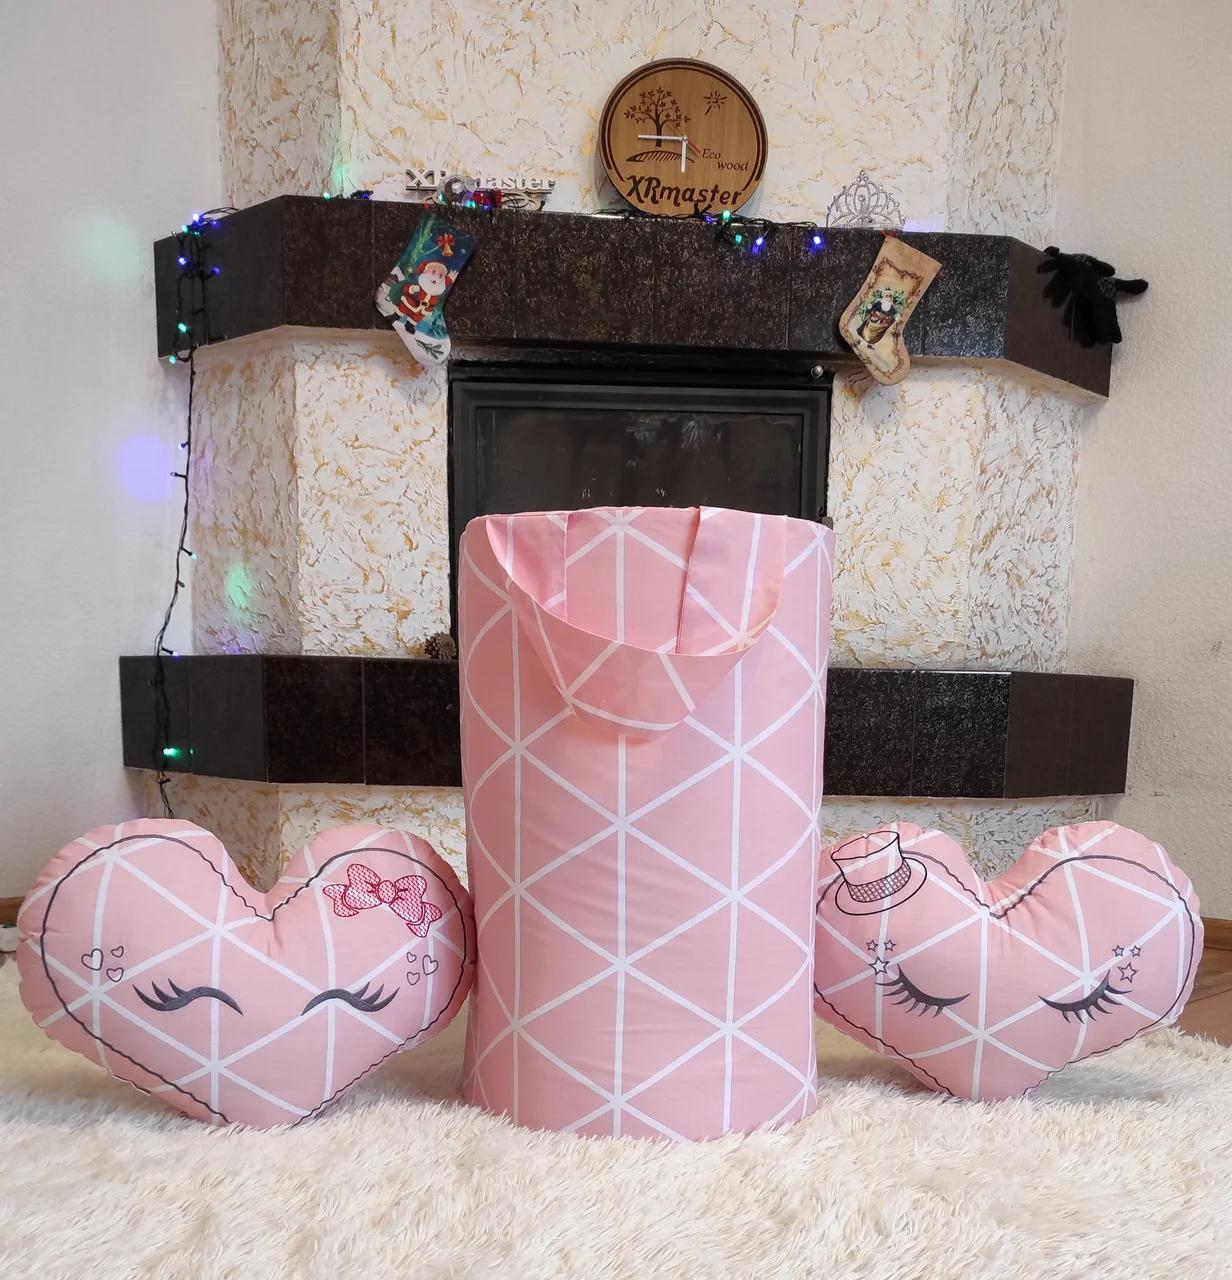 """Велика корзина для іграшок """"Рожева ніжність"""", висота 60 см, діаметр 35 см"""